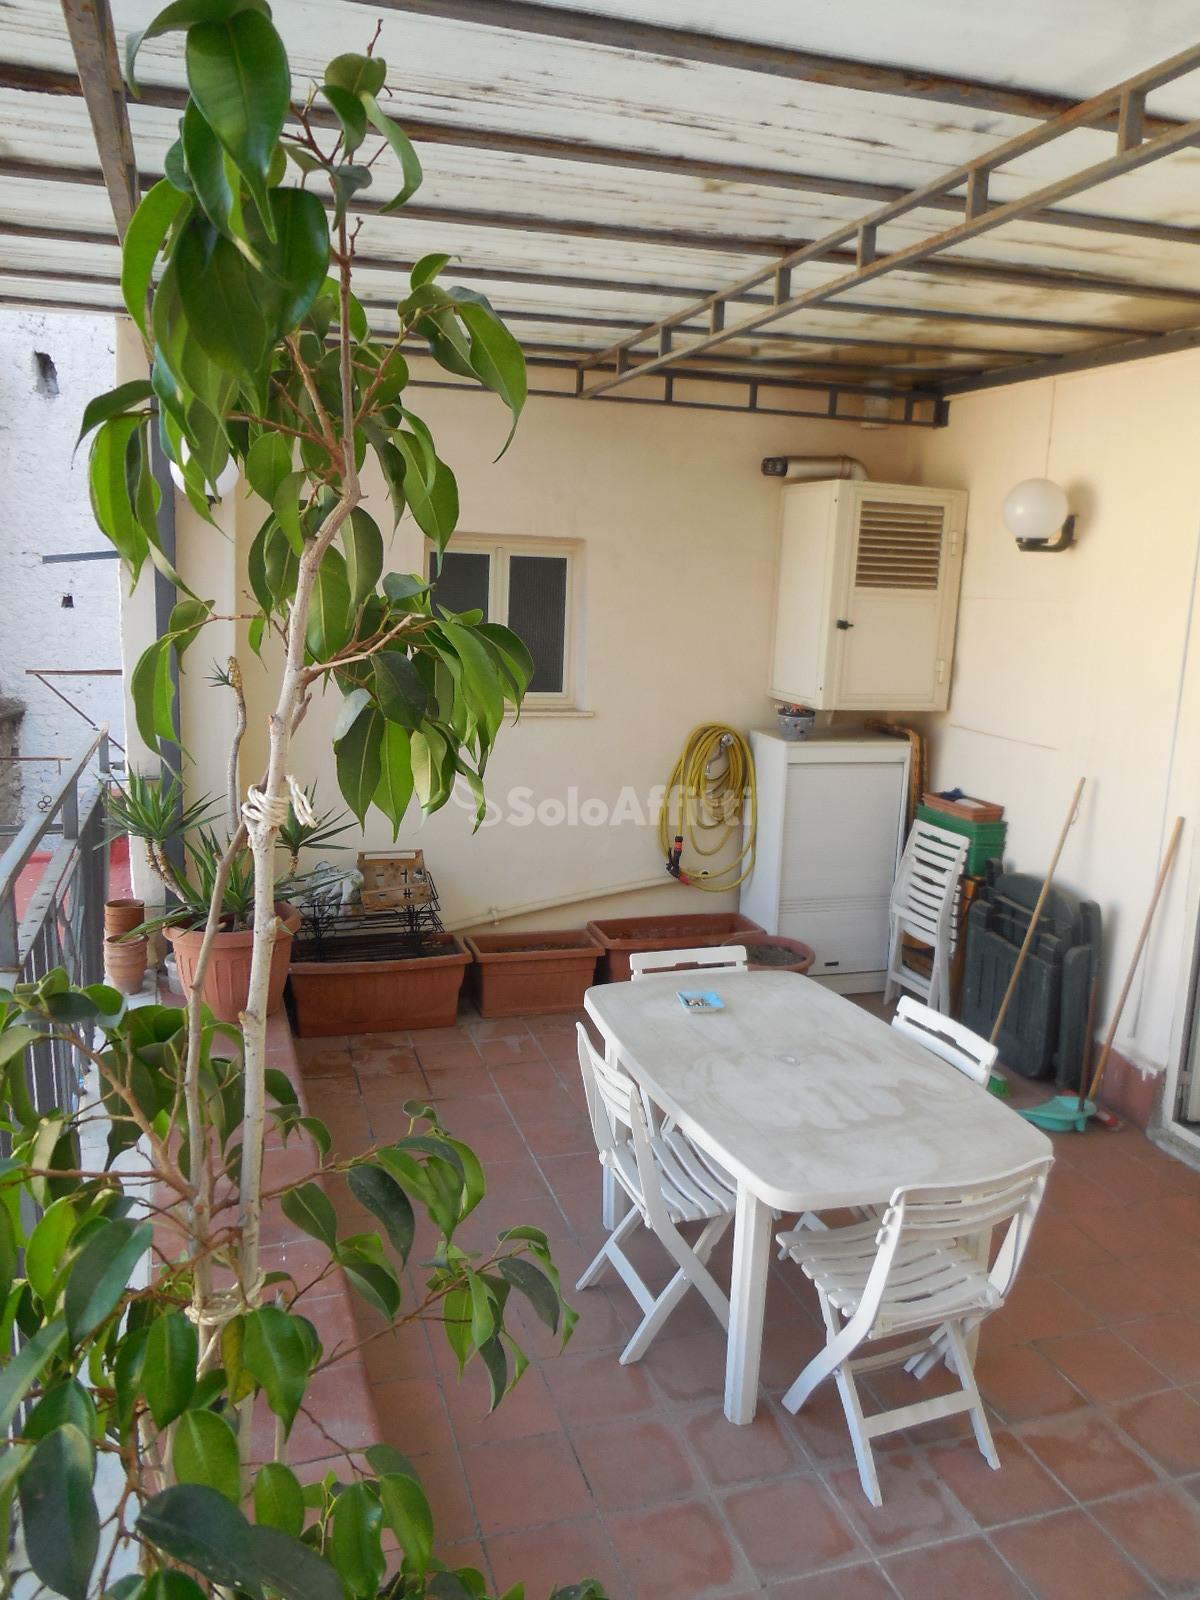 Affitto appartamento monolocale arredato for Monolocale arredato quarto napoli